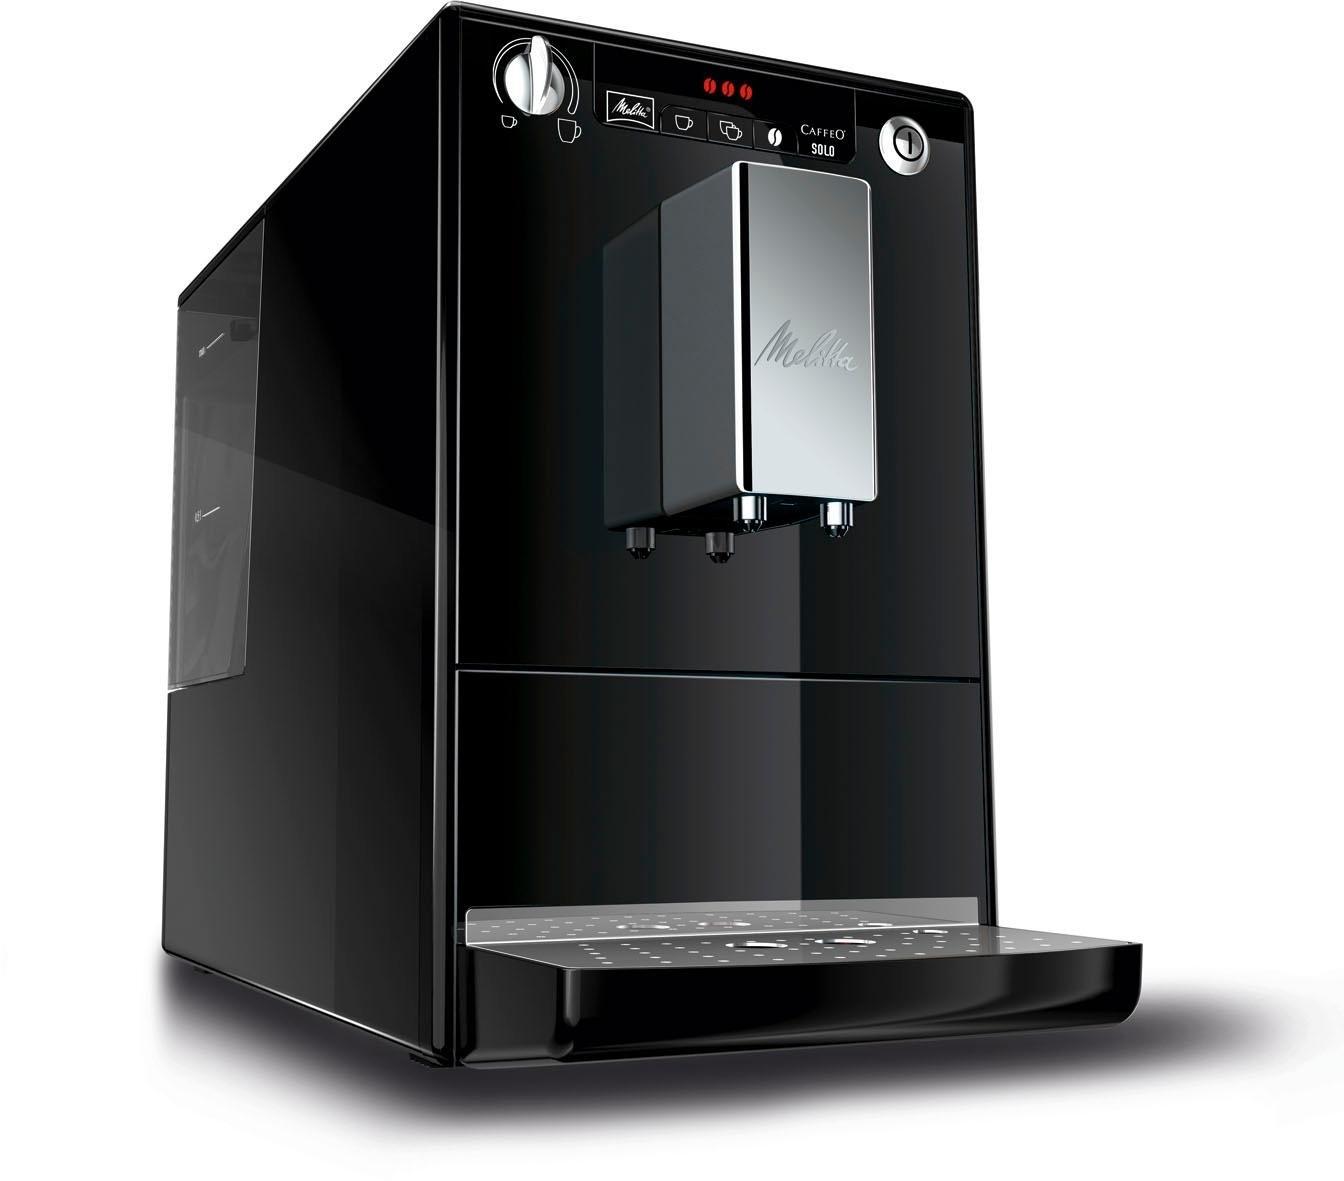 Melitta automatisch koffiezetapparaat CAFFEO® Solo® zwart E 950-101, 1,2 l-reservoir, kegelmaalwerk bij OTTO online kopen